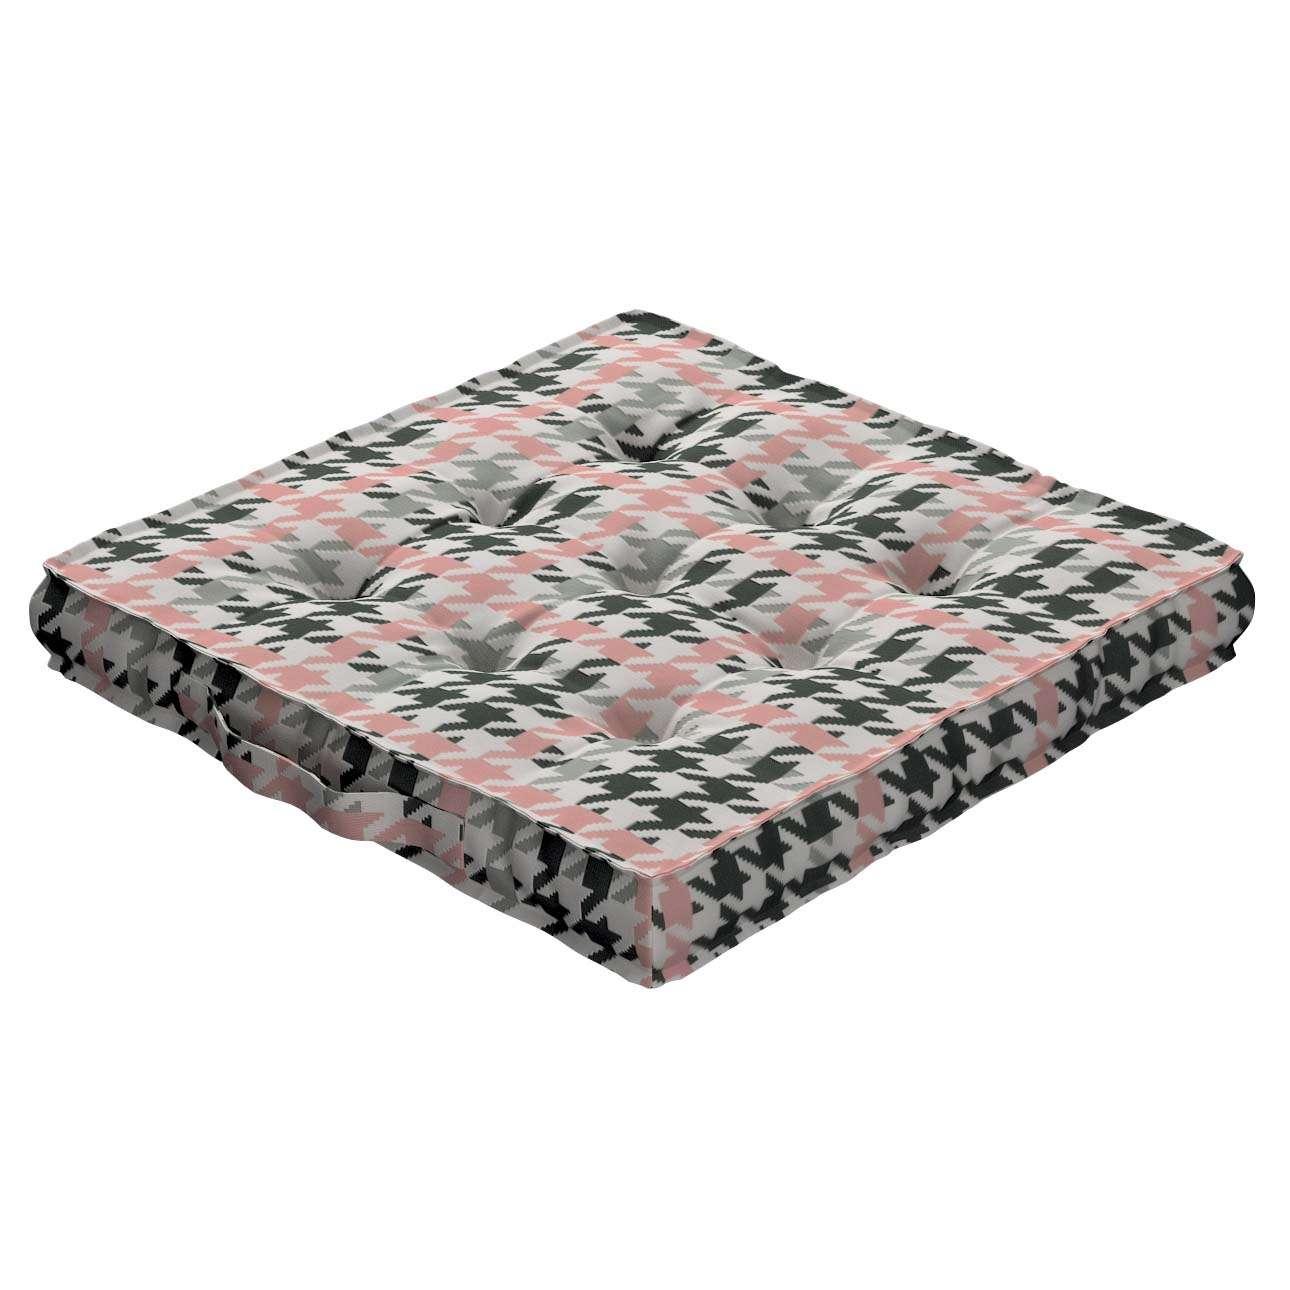 Pagalvėlė Kuba kėdei/ant grindų 40 x 40 x 6 cm kolekcijoje Brooklyn, audinys: 137-75